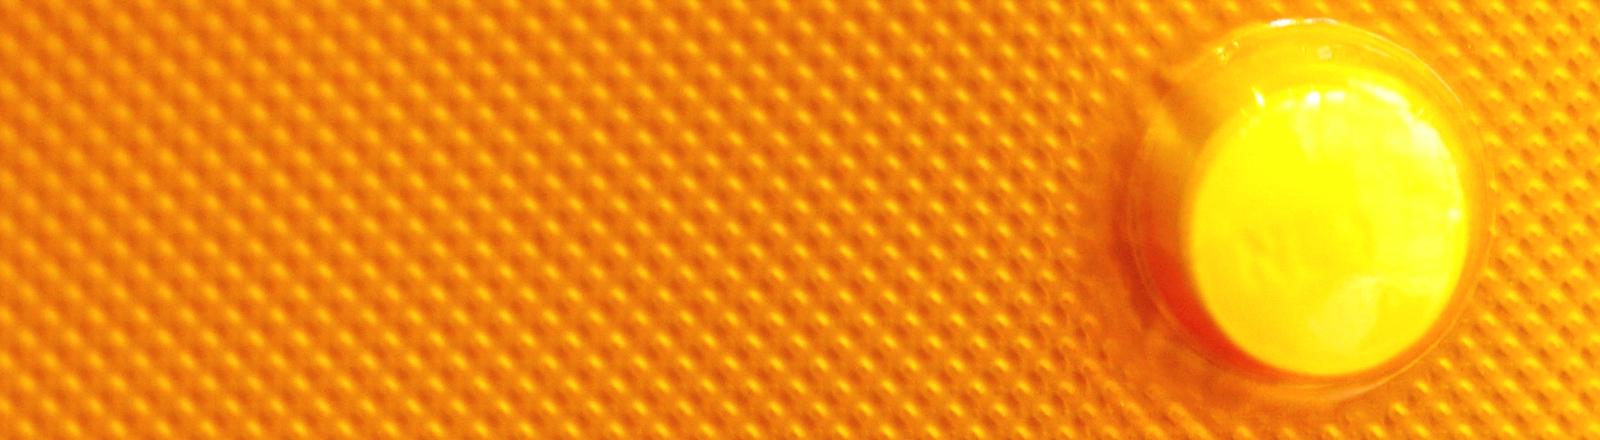 Nahaufnahme einer orangenen Verpackung für die Pille danach